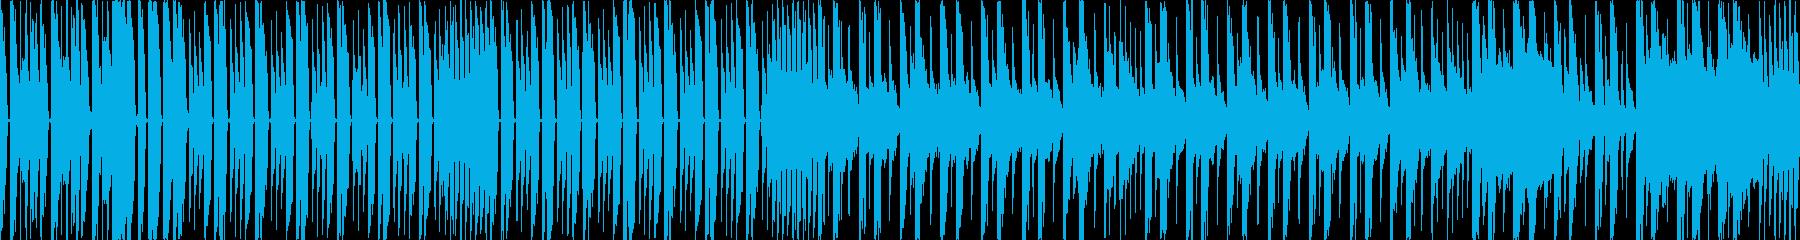 ビートの効いたオシャレインストの再生済みの波形